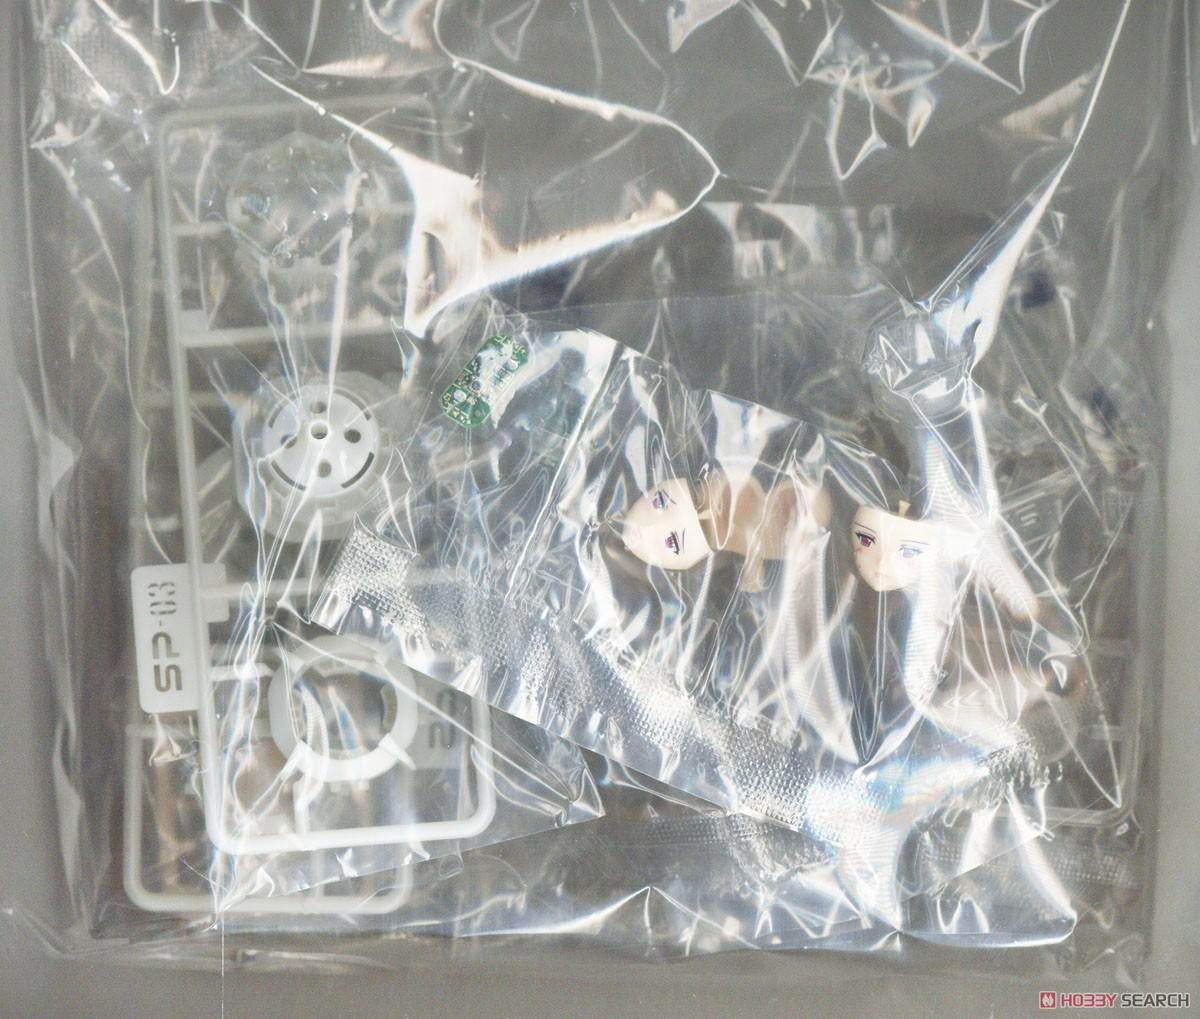 【再販】DarkAdvent Vol.2『Krakendress ラーニア DX Ver.』ダークアドヴェント プラモデル-026